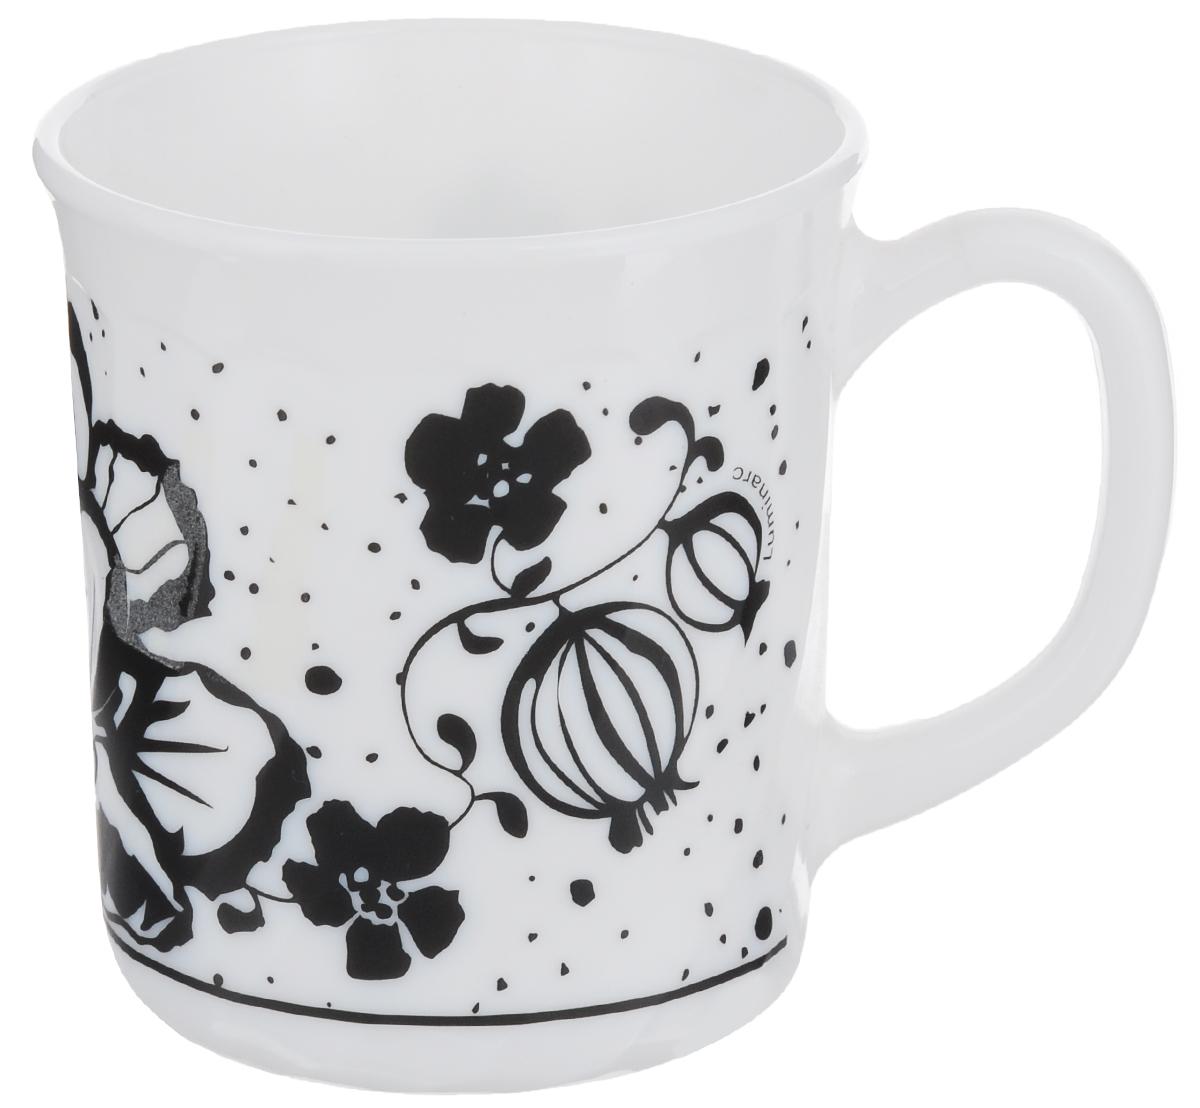 Кружка Luminarc Alcove Black, 290 мл54 009312Кружка Luminarc Alcove Black изготовлена из прочного стекла. Такая кружка прекрасно подойдет для горячих и холодных напитков. Она дополнит коллекцию вашей кухонной посуды и будет служить долгие годы. Объем кружки: 290 мл. Диаметр кружки (по верхнему краю): 8 см.